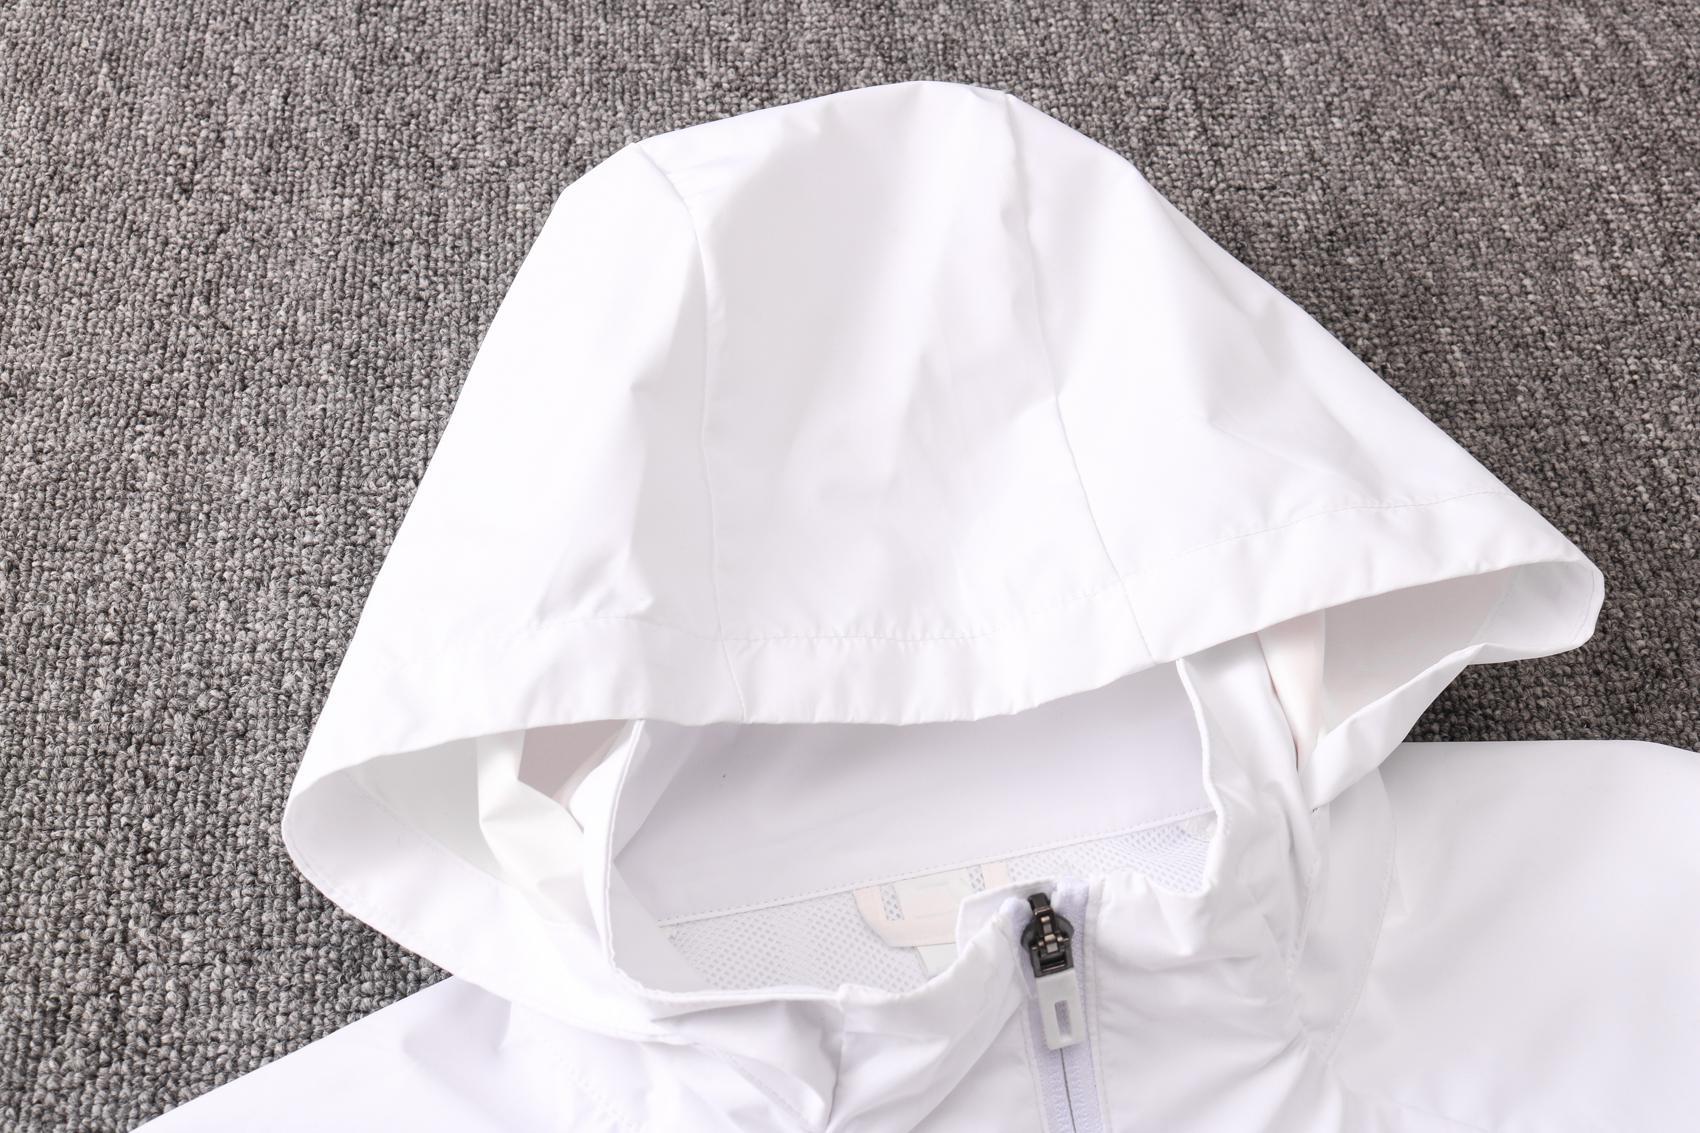 2020 2021 Man birleşik rüzgarlık Pogba uzun kollu ceket 20 21 kapüşonlu eşofman futbol Toz kat Rashford futbol rüzgar ceketi kapüşonlu